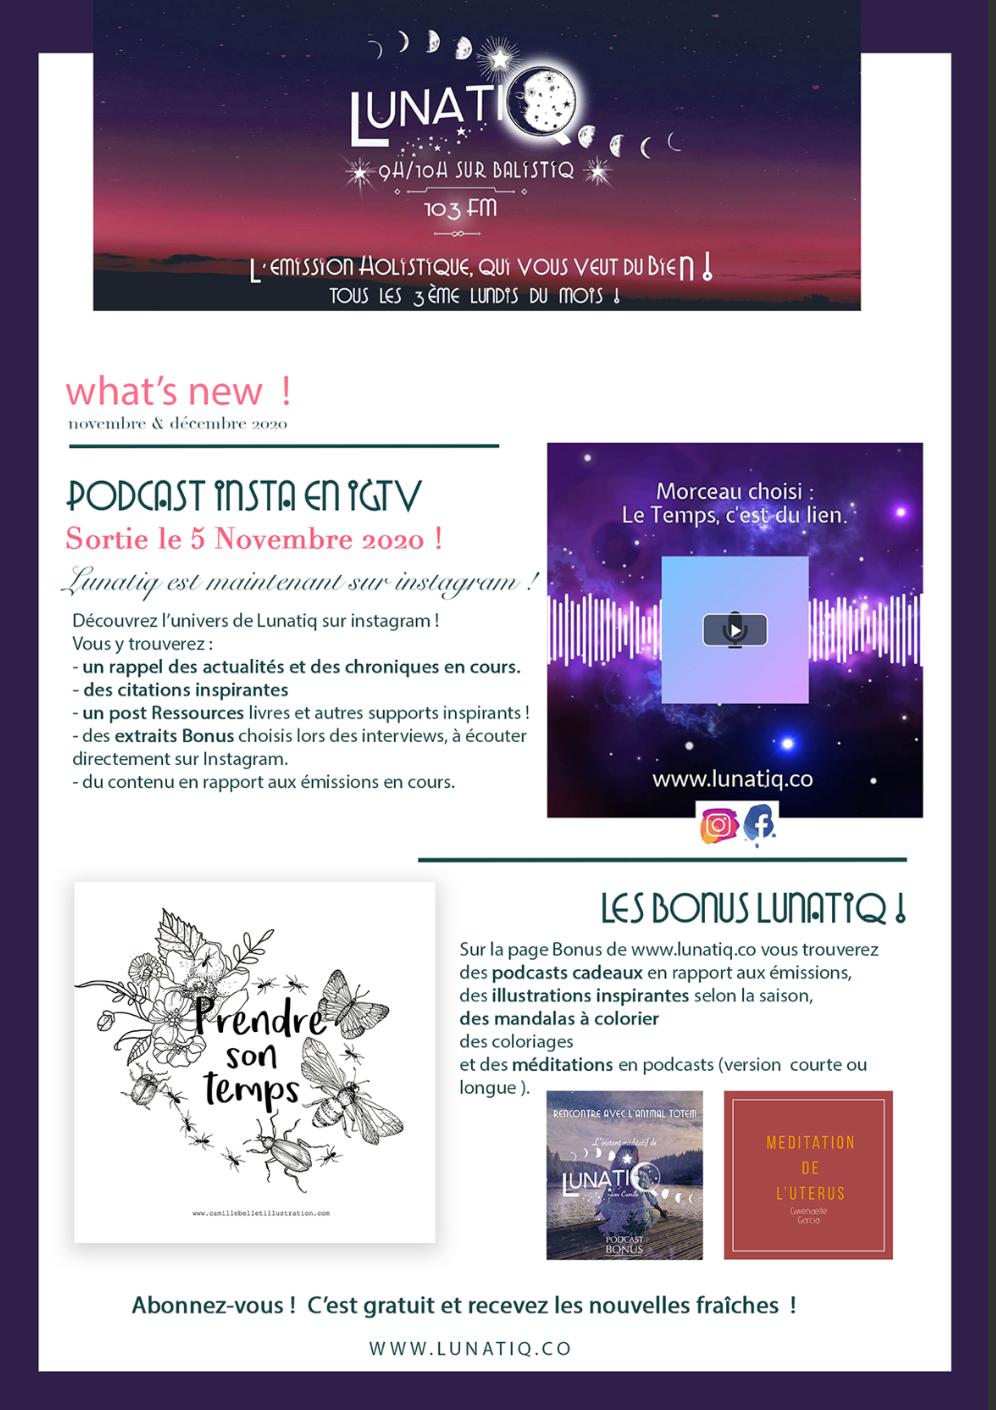 Newsletter du 10/11/2020 Lunatiq